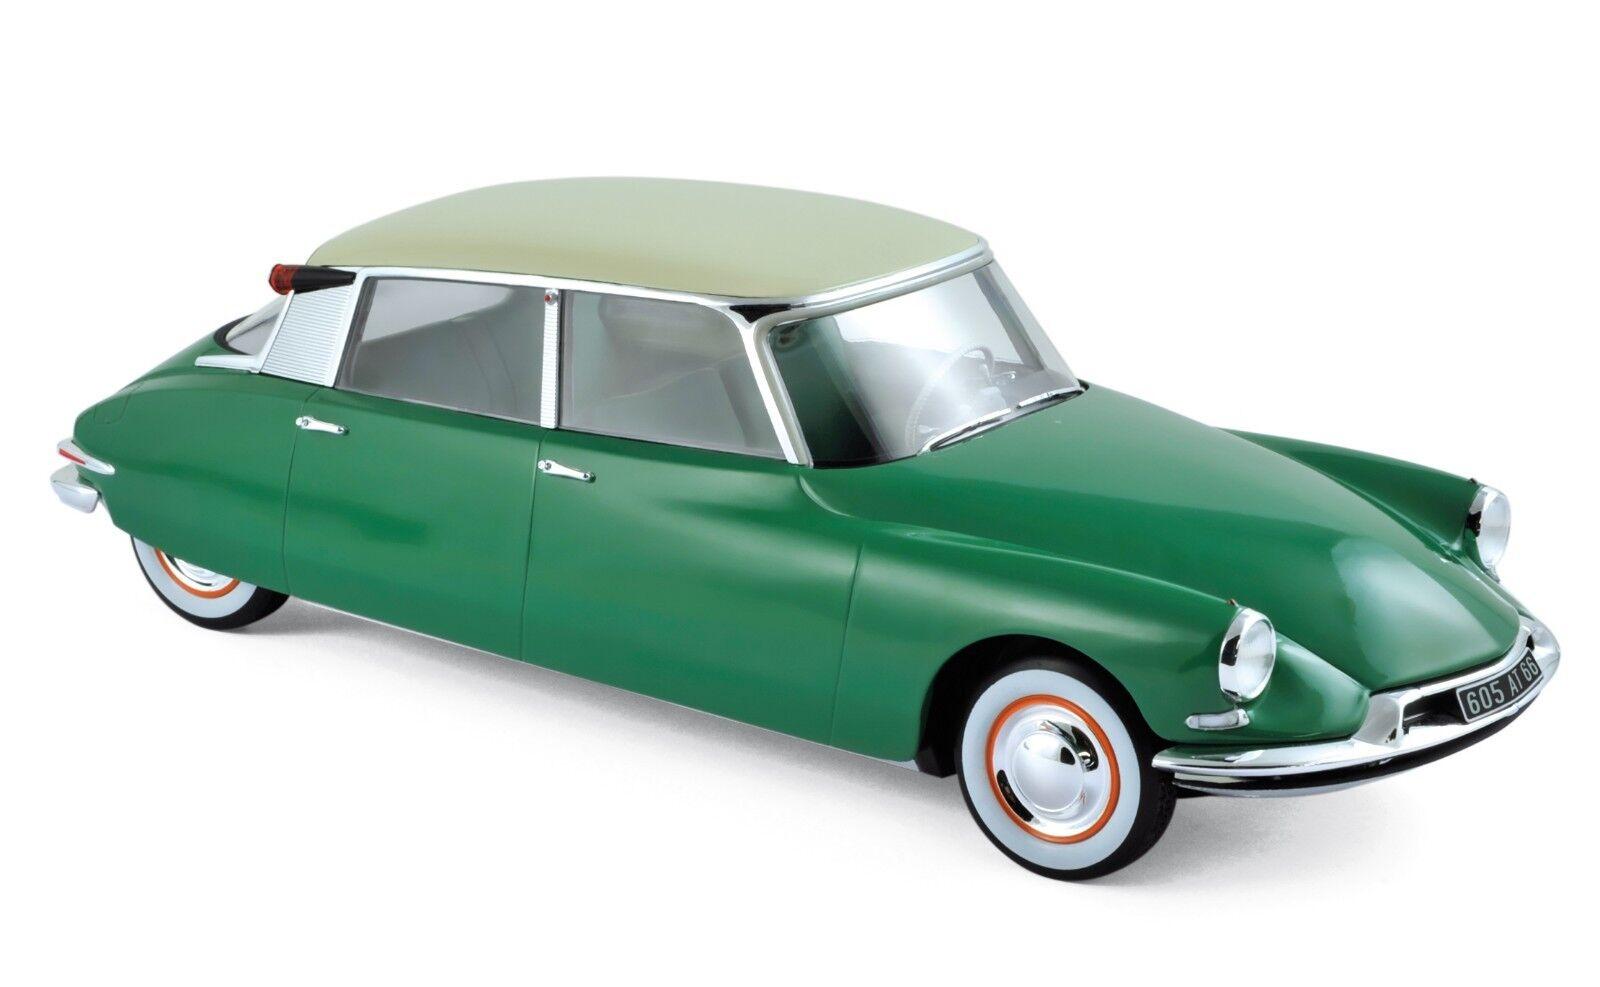 NOREV 181480 - Citroen DS 19 1956 Vert Printemps & Champagne  1 18